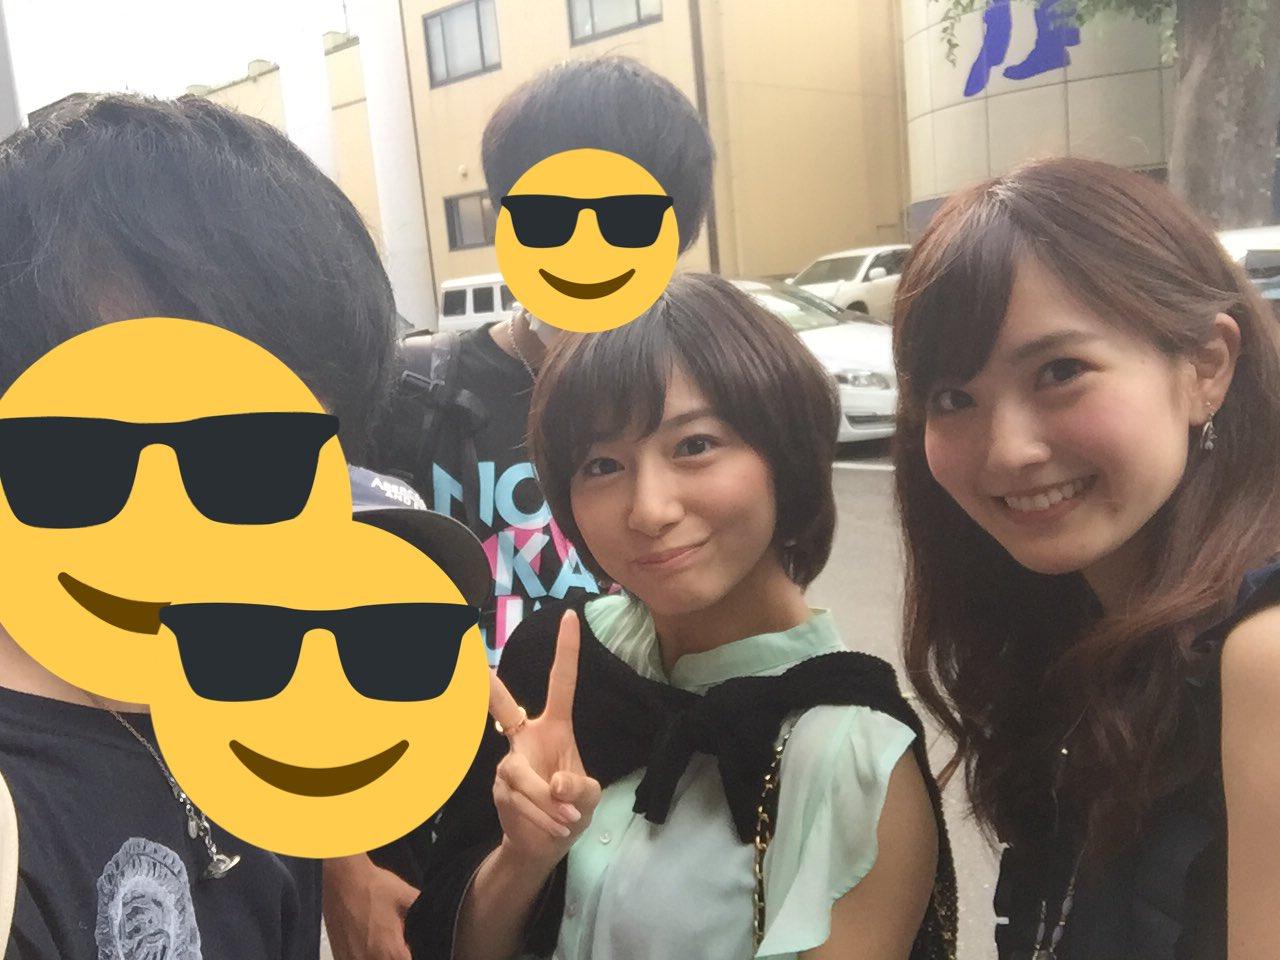 乃木坂46 真夏の全国ツアー2017 明治神宮球場公演2日目 市來玲奈 柏幸奈